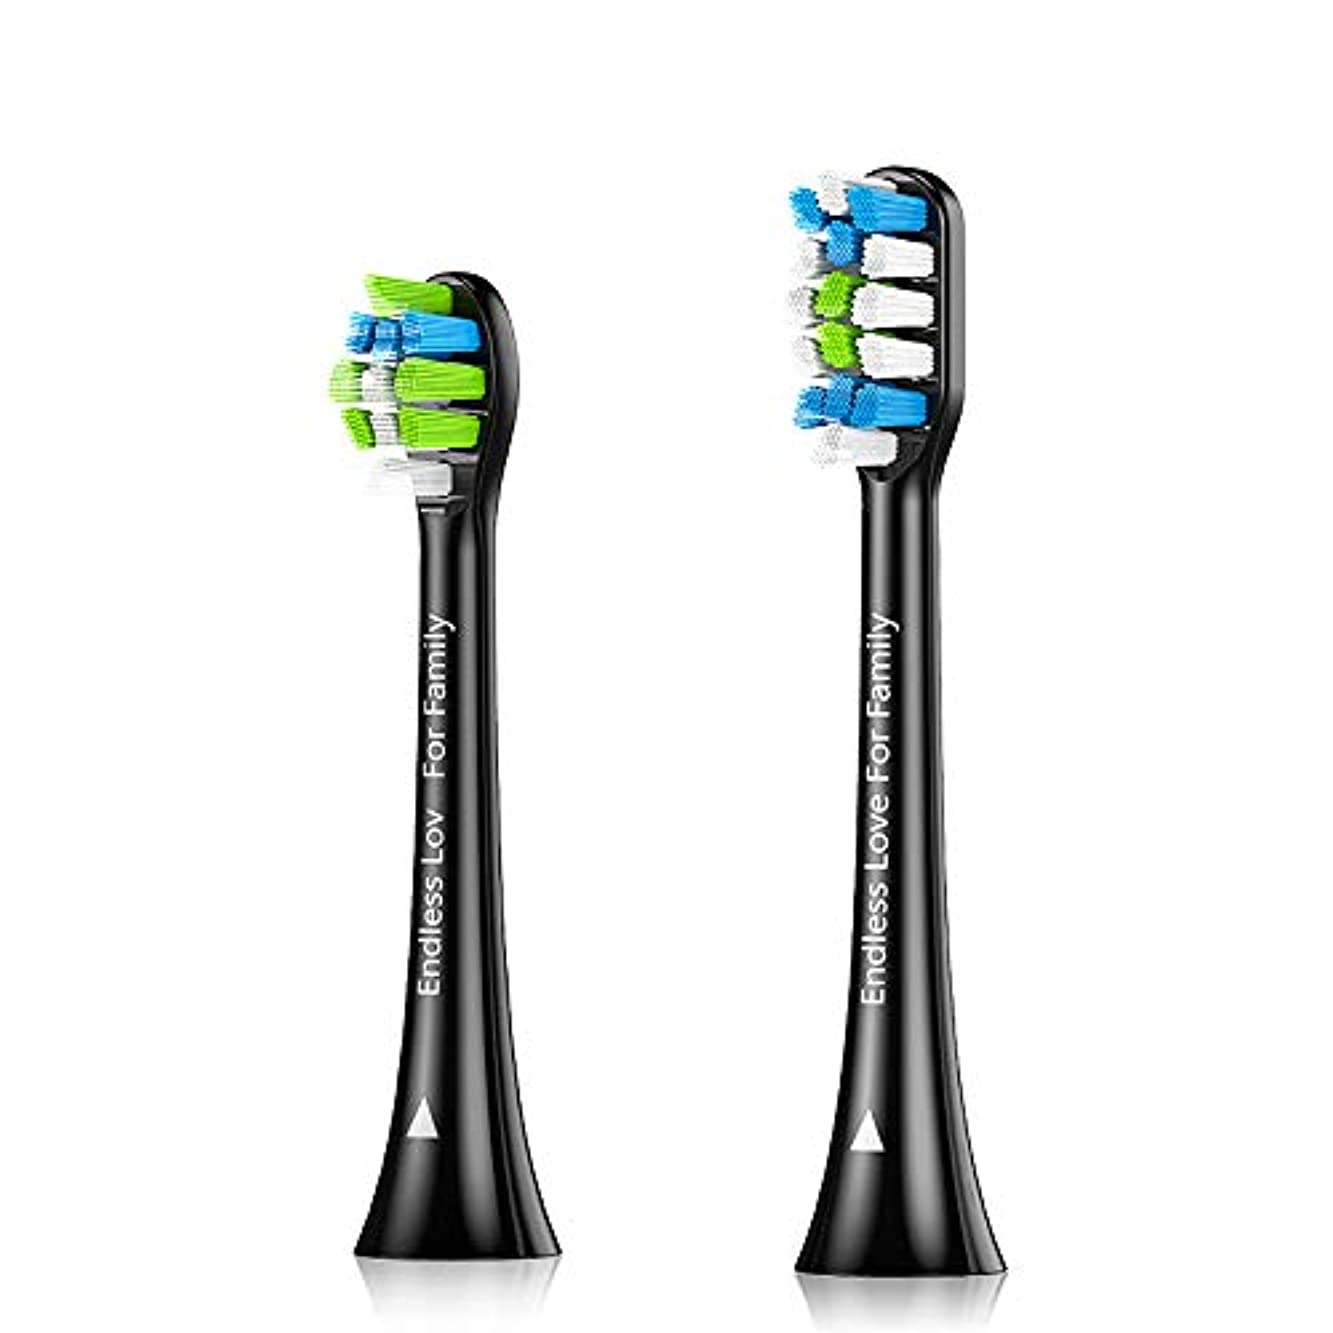 同級生ホステルエールProscenic 電動歯ブラシ 替えブラシ2本 サイズ分け (ブラック)